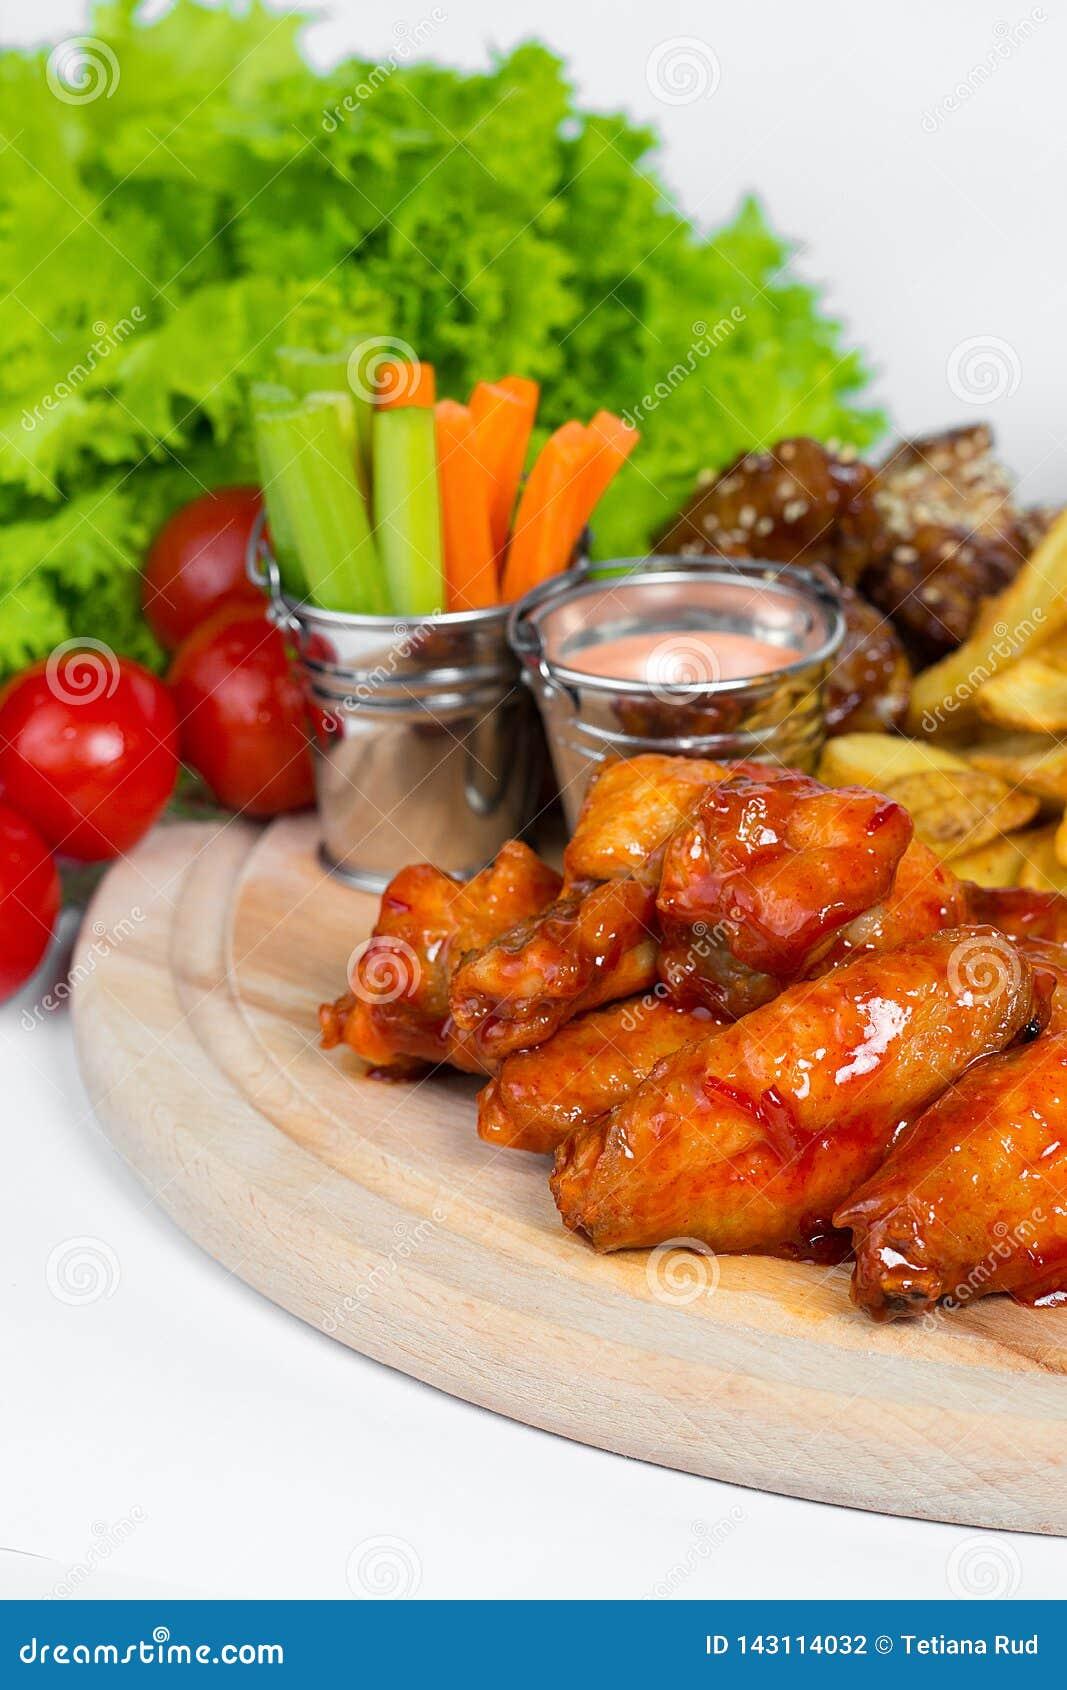 Fasta food naczynie na białym tle Fasta food francuza i pieczonego kurczaka ustaleni dłoniaki Bierze oddalonego fast food